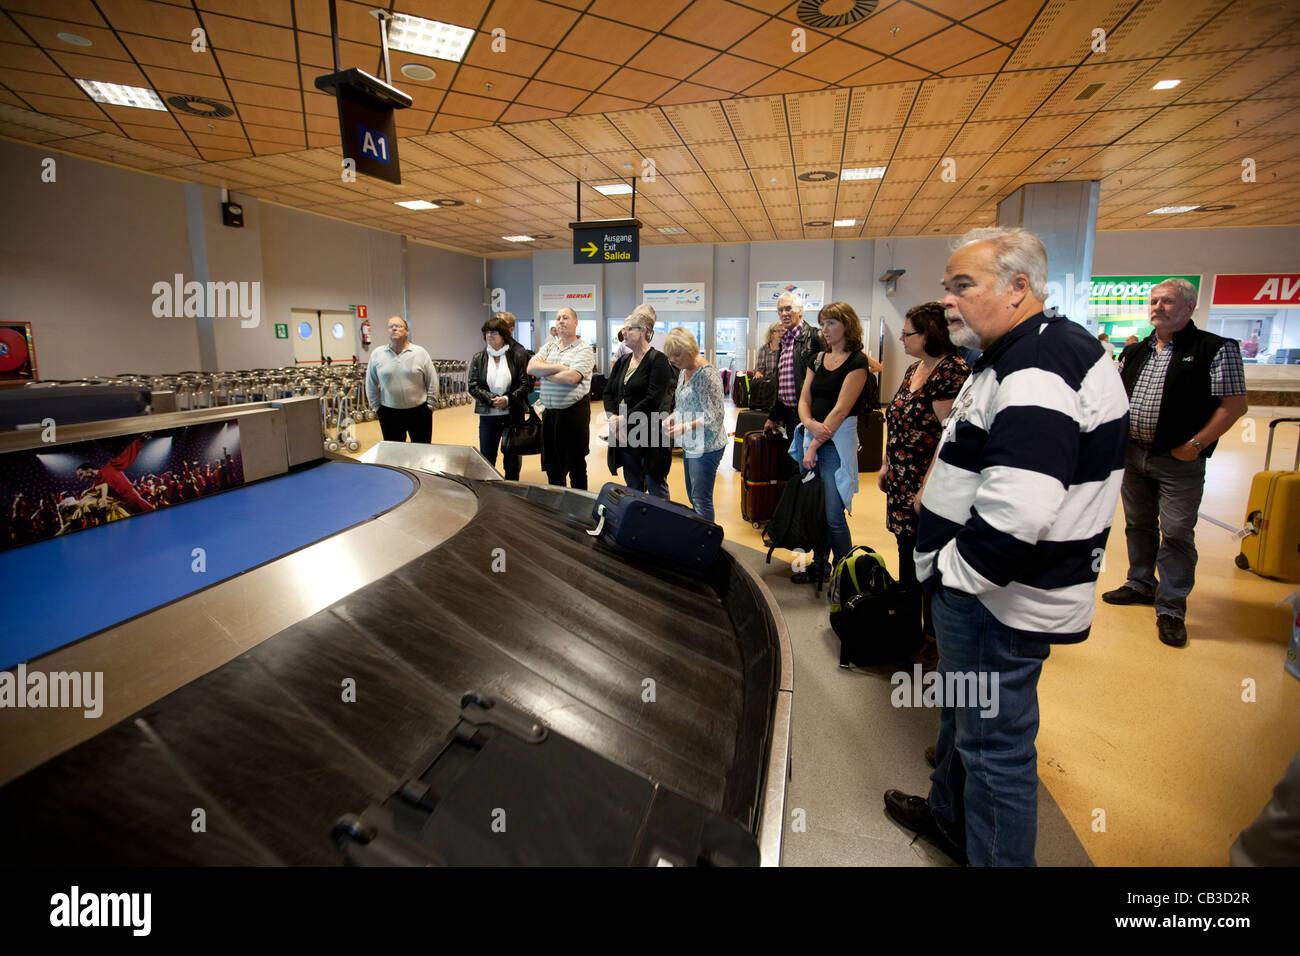 Touristen warten auf ihr Gepäck, Teneriffa, Kanarische Inseln, Spanien. Stockbild